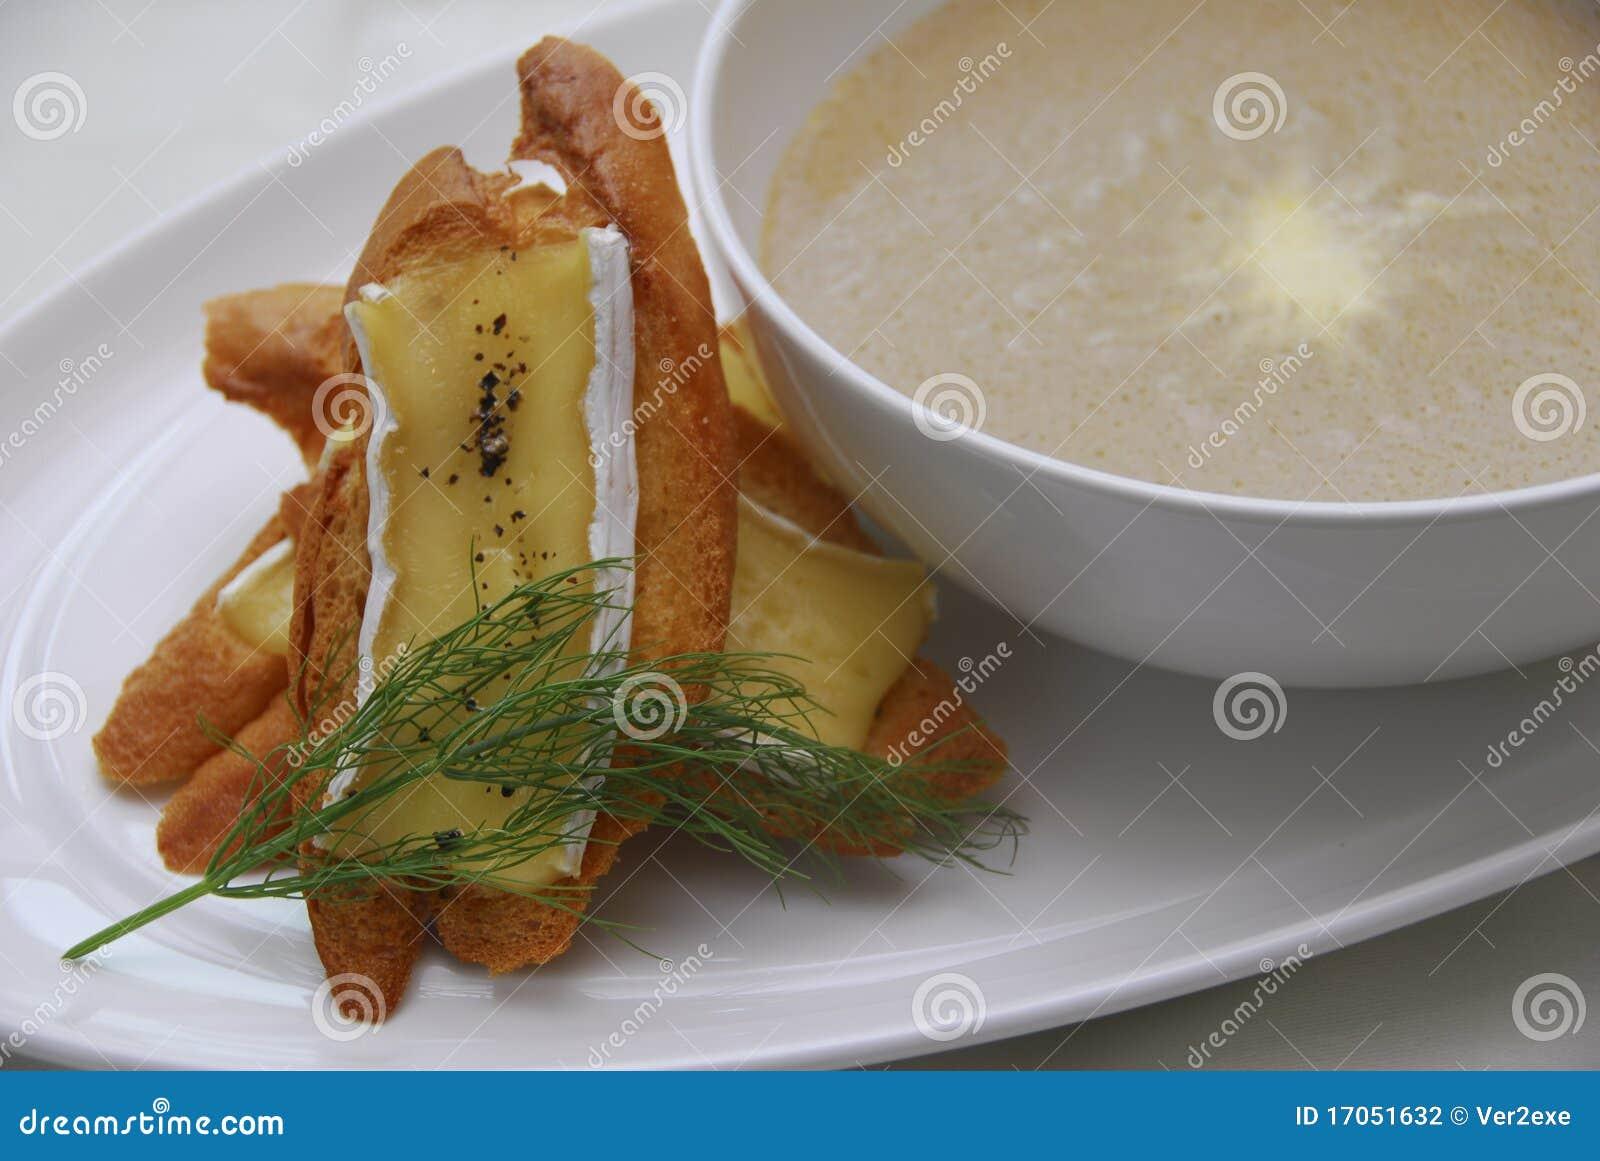 σούπα μανιταριών ψωμιού